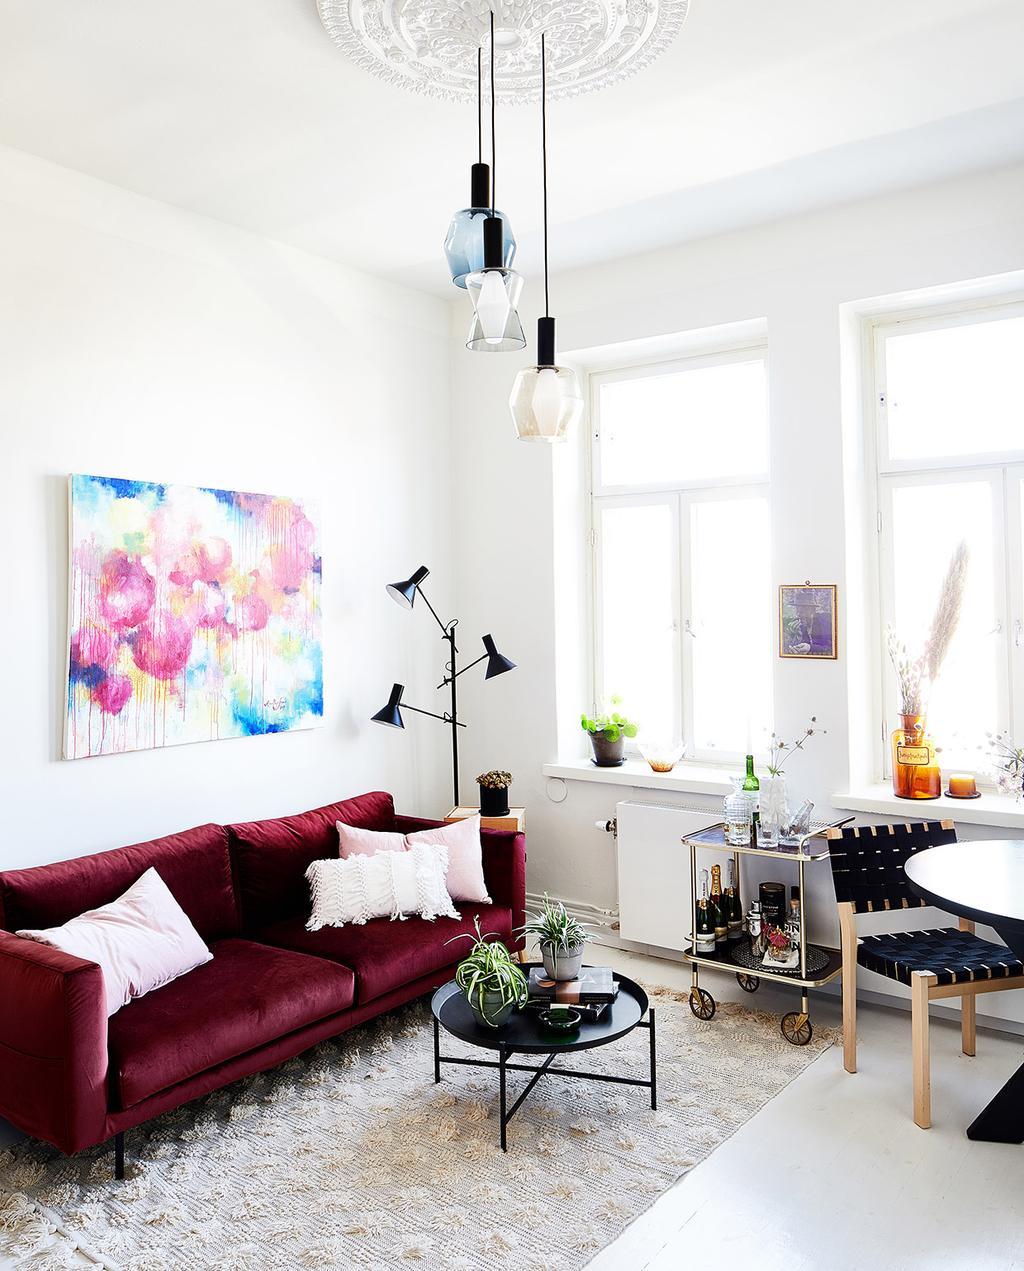 vtwonen special tiny houses | woonkamer van de woning in Helsinki met een rode bank en groot vloerkleed